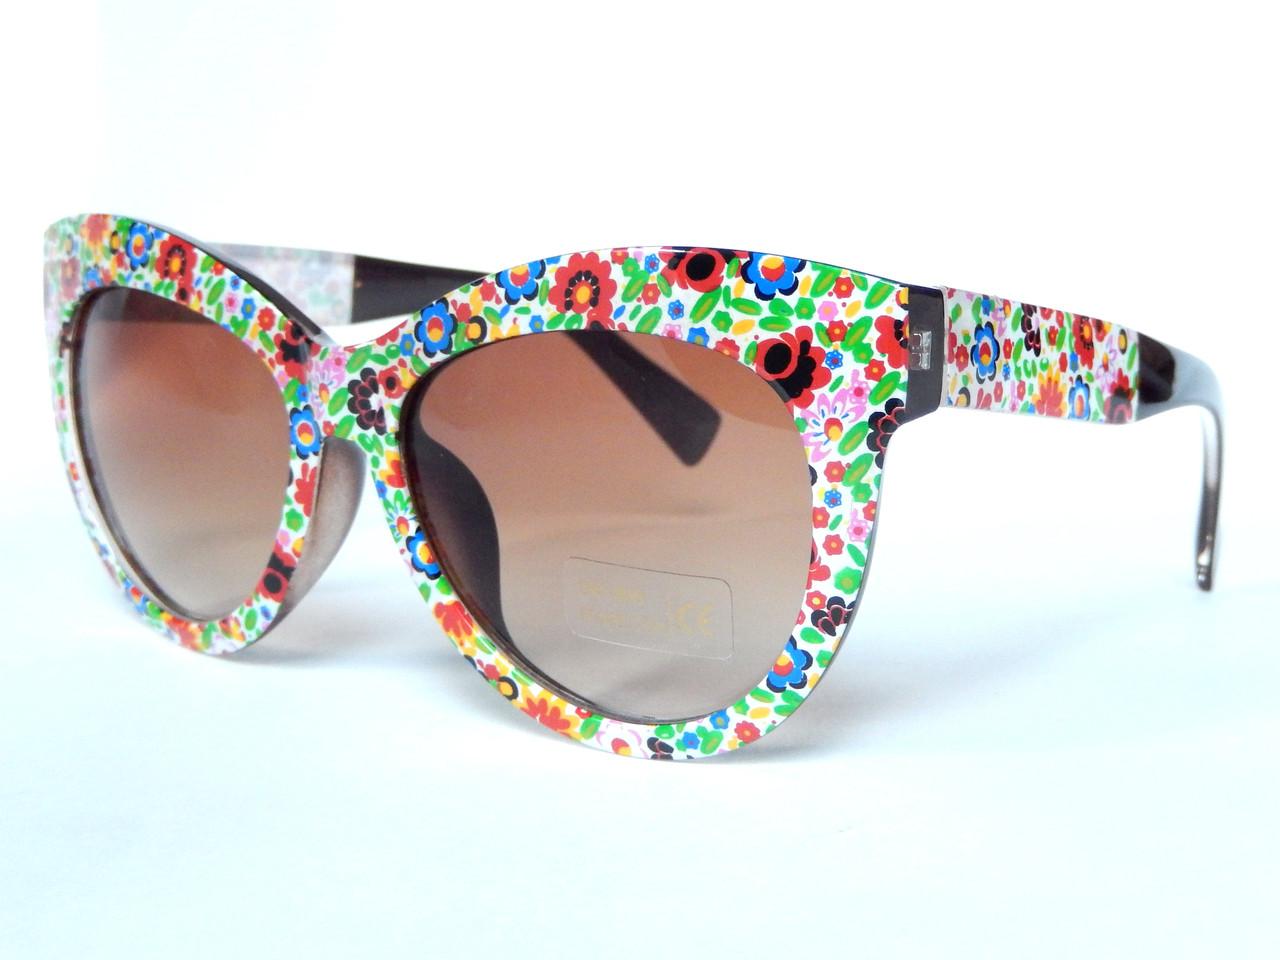 Солнцезащитные очки в стиле D&G цветочная мозаика. шоколад